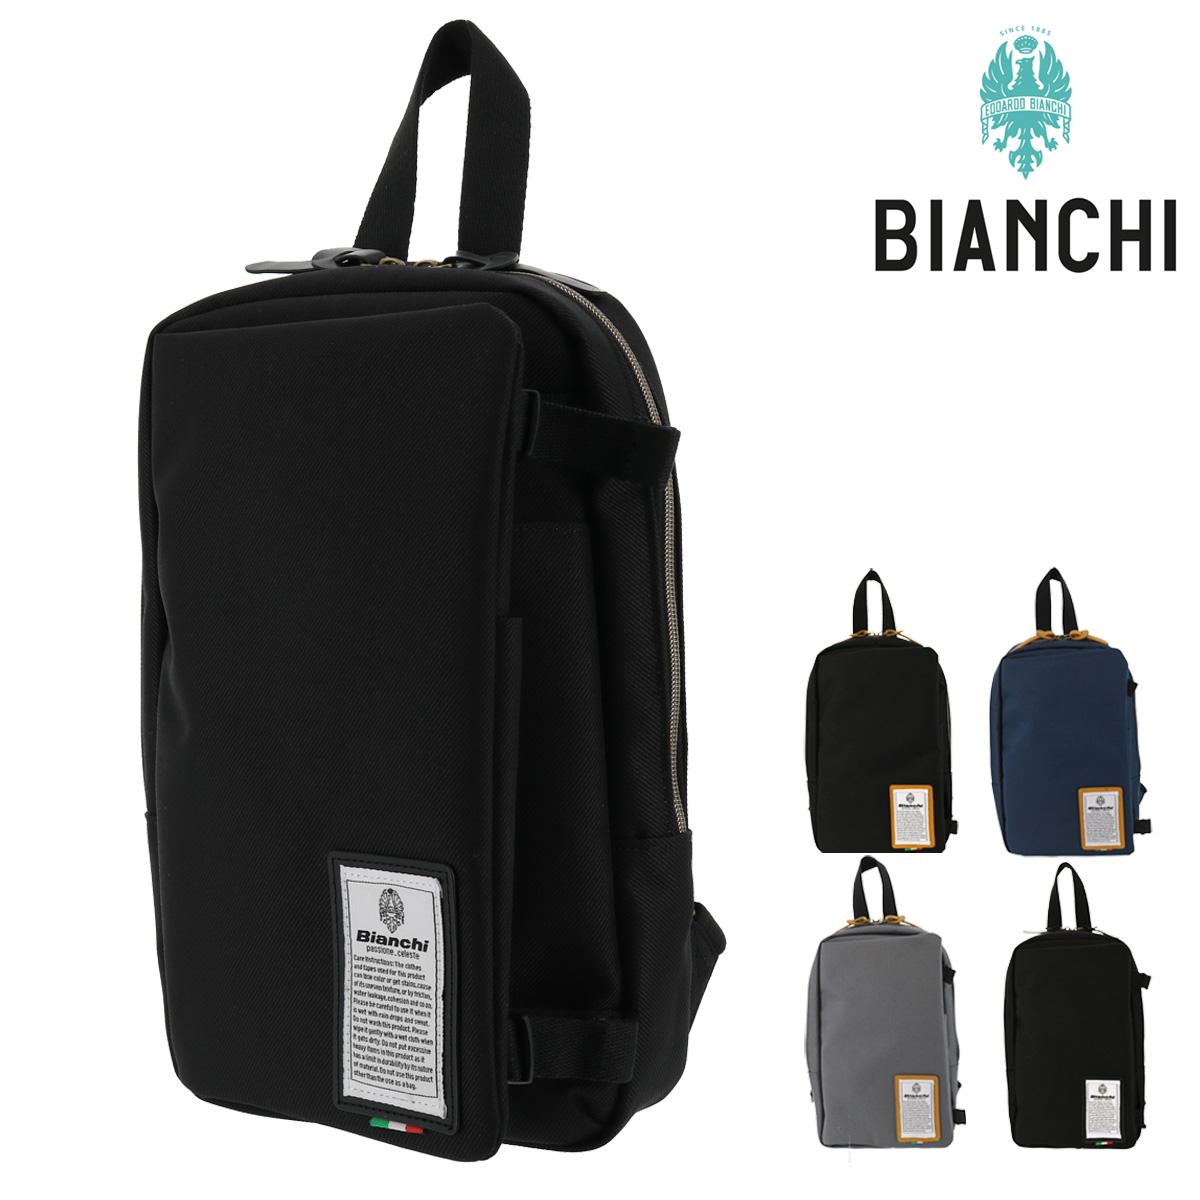 ビアンキ ボディバッグ ディバーゼ メンズ  NBTC64 Bianchi   ワンショルダー [PO10][bef]